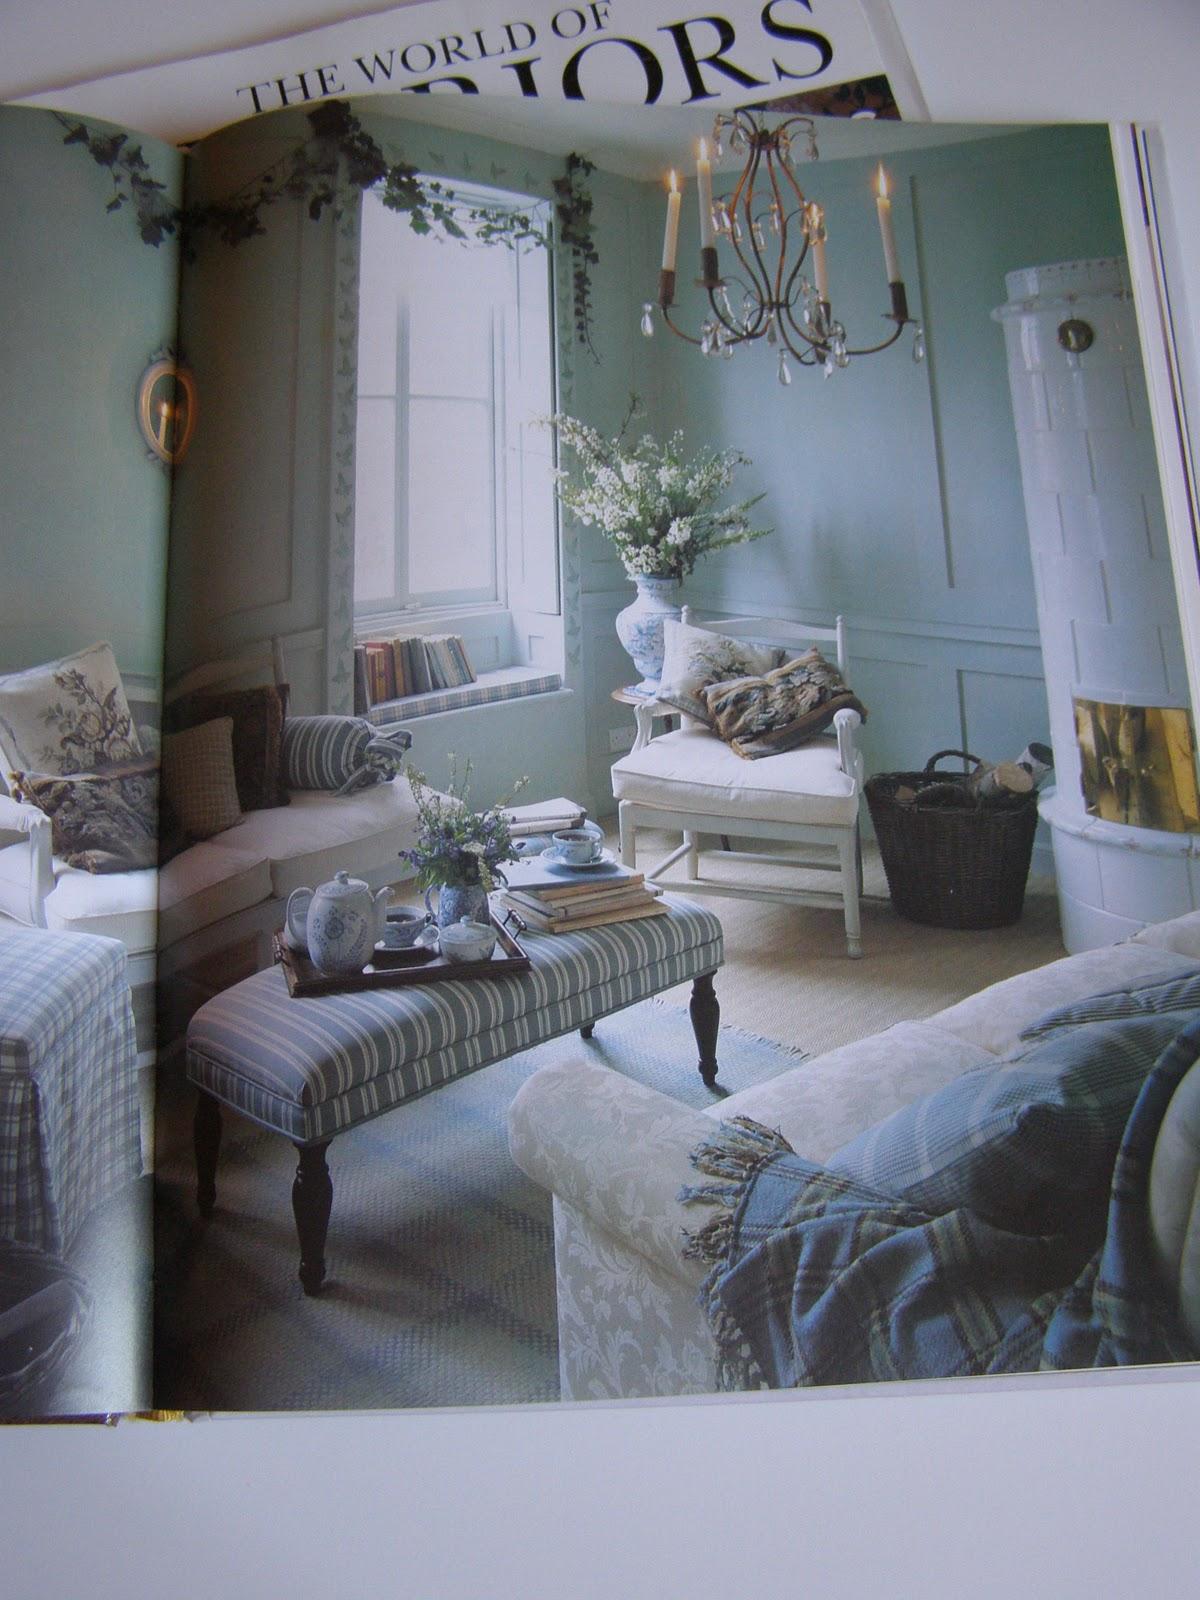 Miniaturas natasylvia pintura de muebles for Pintura de muebles